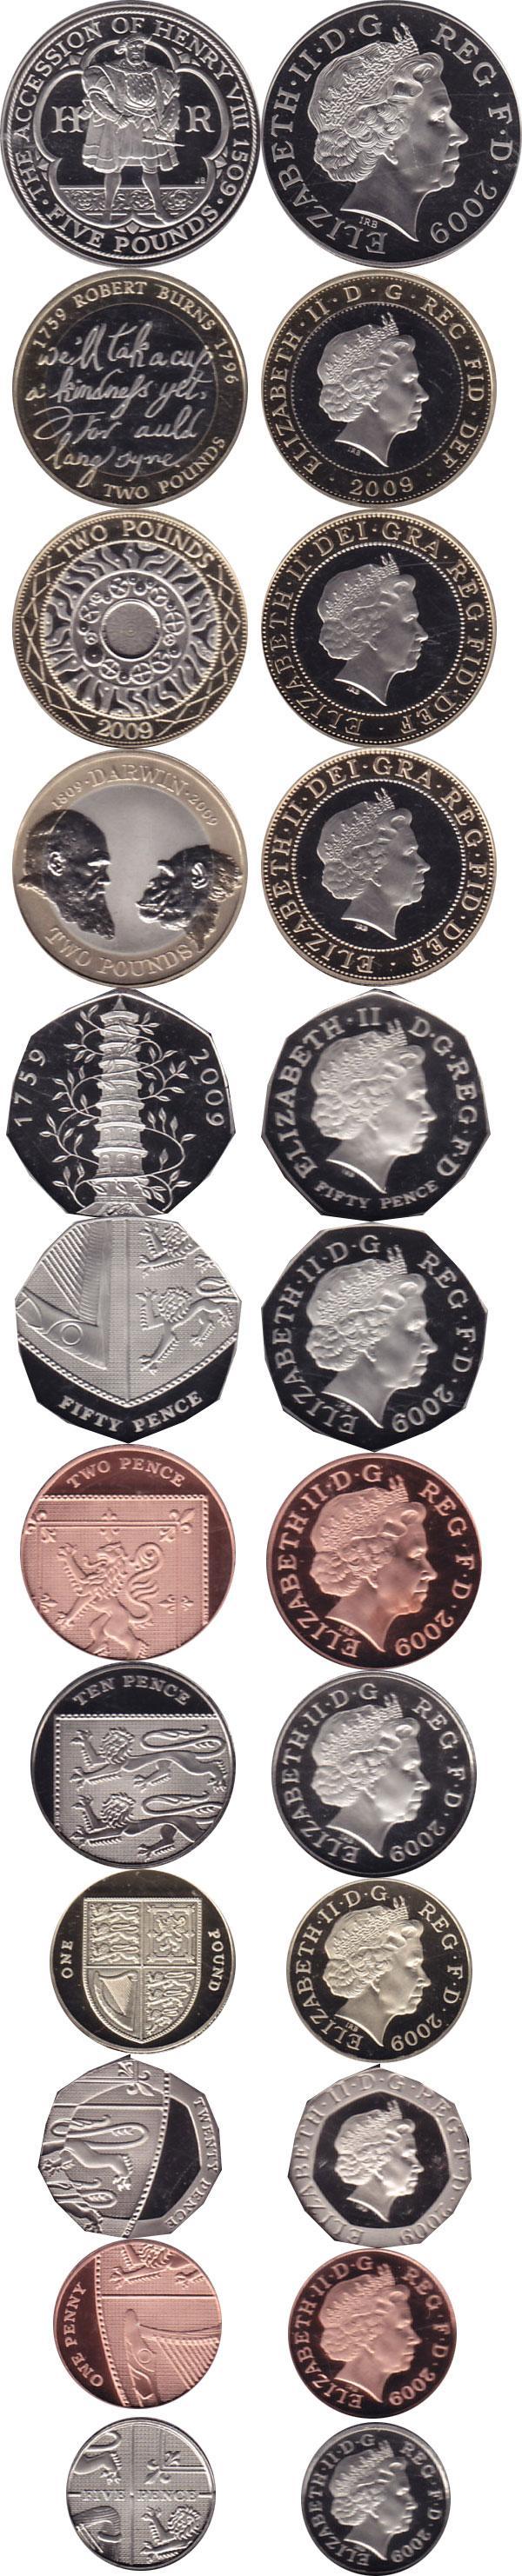 Каталог монет - Великобритания Новые гербы 2009